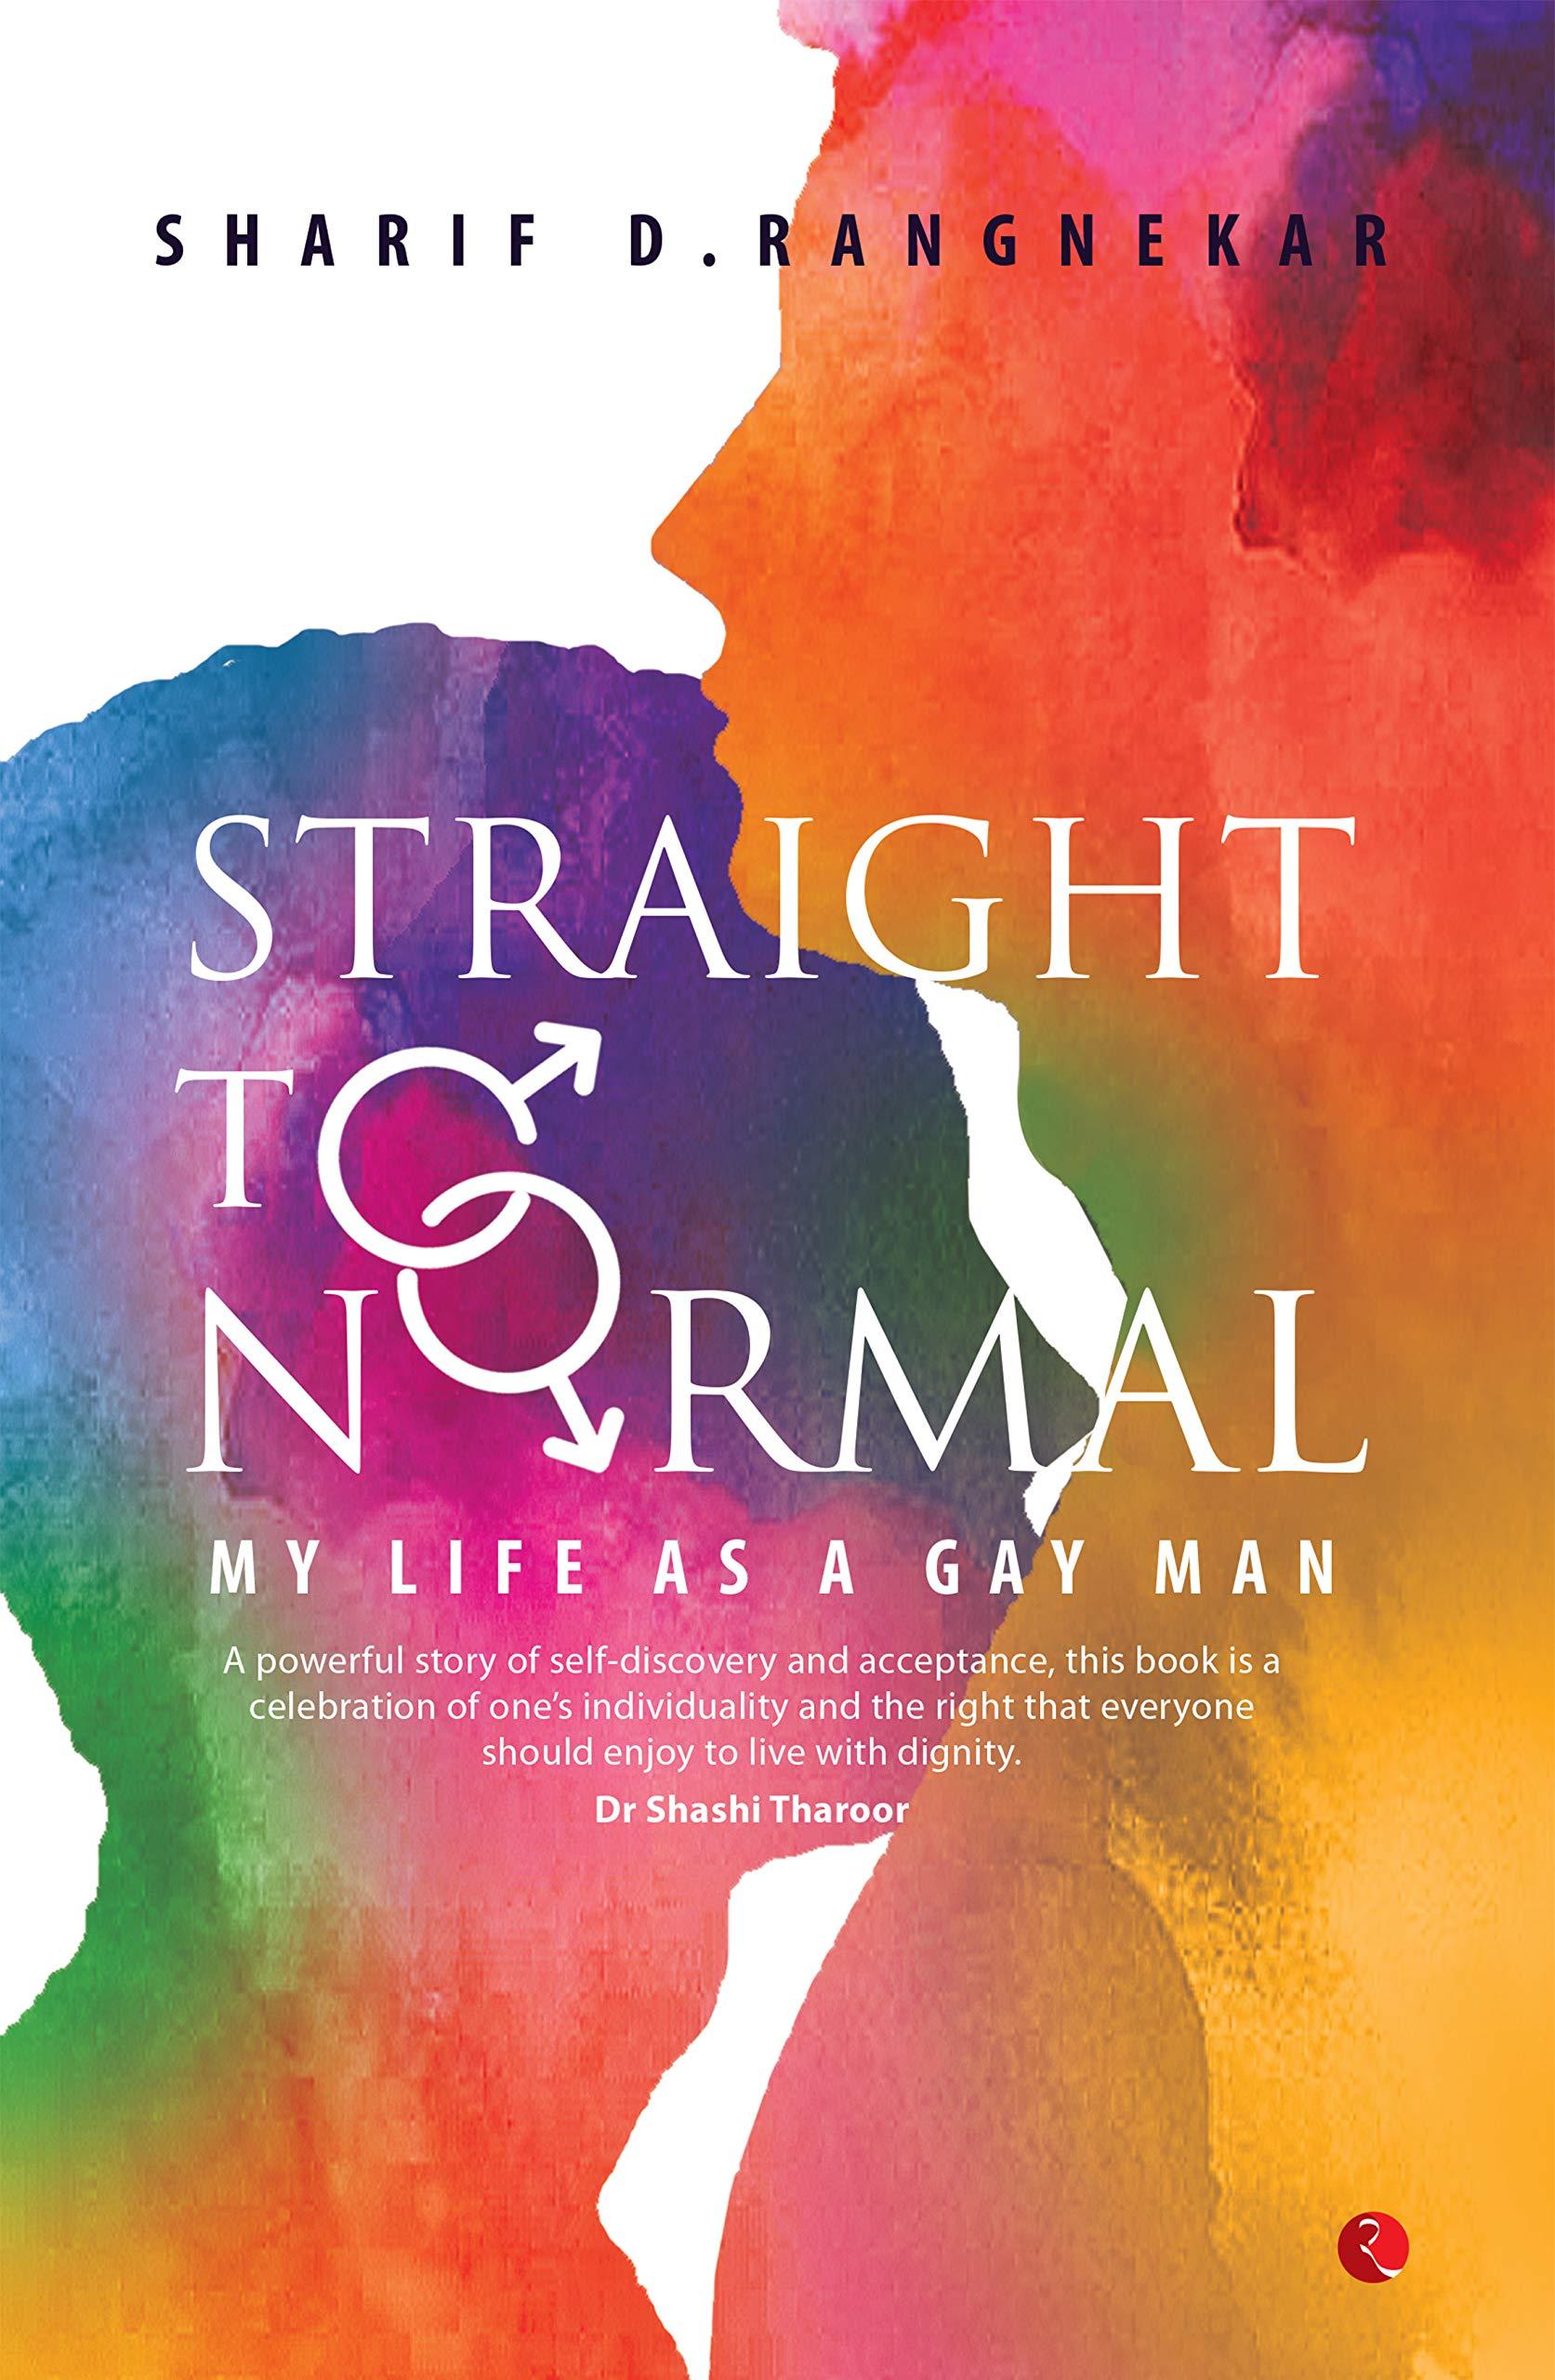 Pride Book List